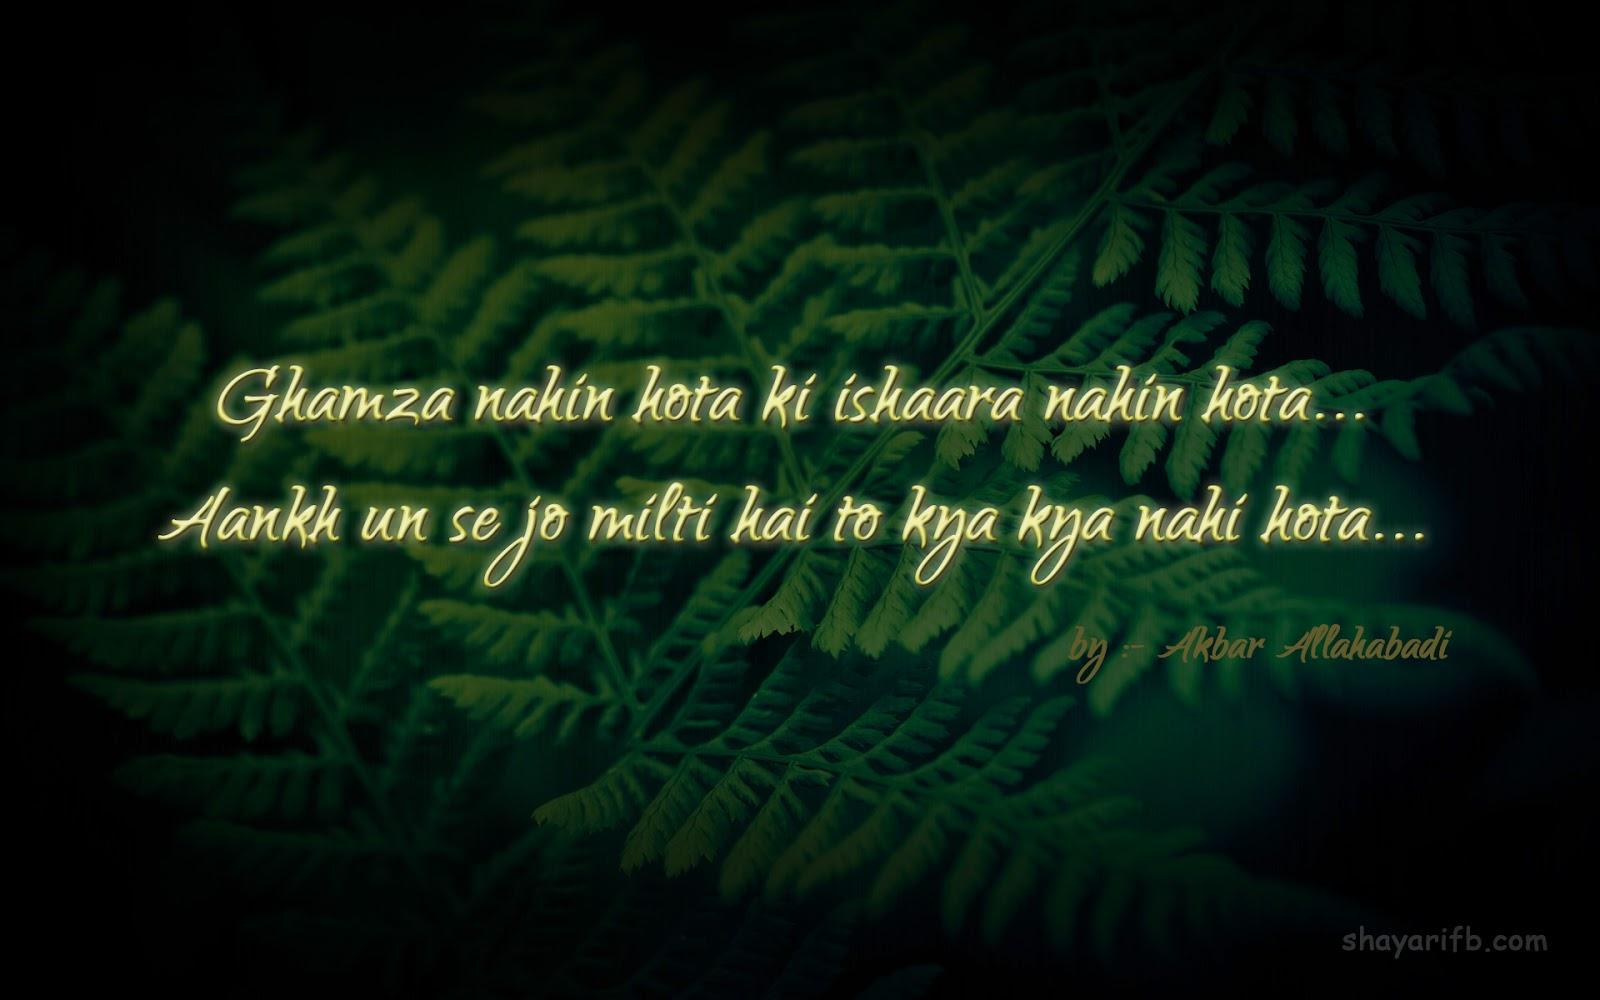 hindi love shayari wallpapers download wallpapersafari